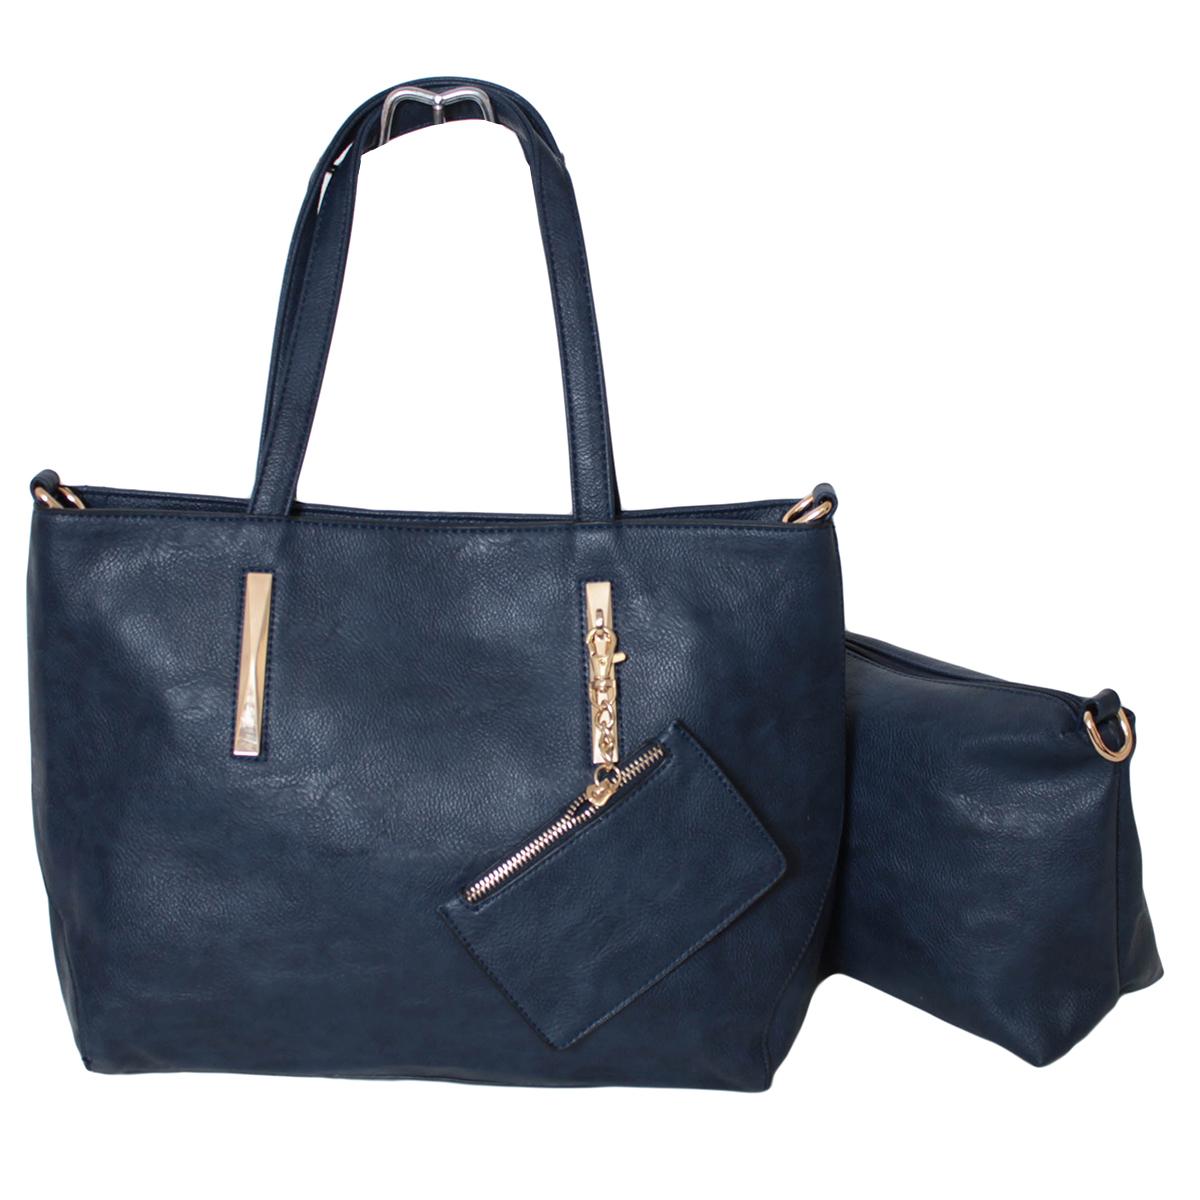 Сумка женская Flioraj, цвет: синий. 0005292600052926Закрывается на молнию. Внутри одно отделение, один карман на молнии и два открытых. В комплекте косметичка, кошелек для мелочи и длинный ремень.